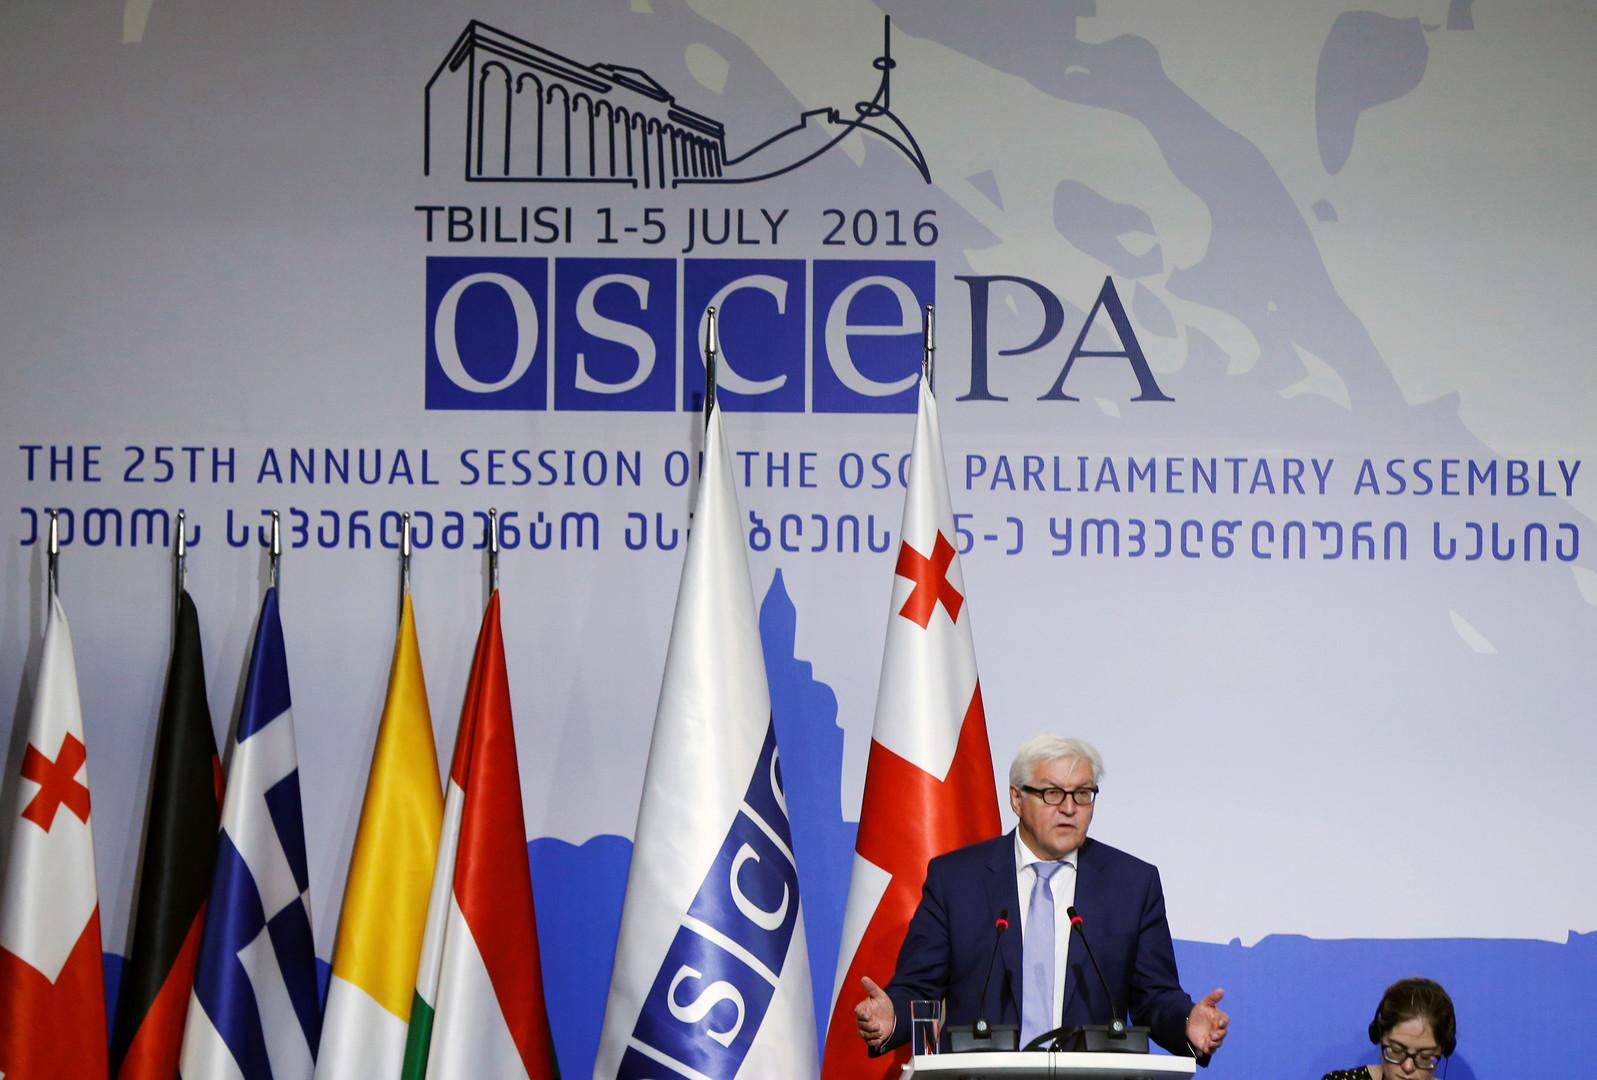 Российская делегация покинула заседание ПА ОБСЕ из-за проекта резолюции Украины по Крыму